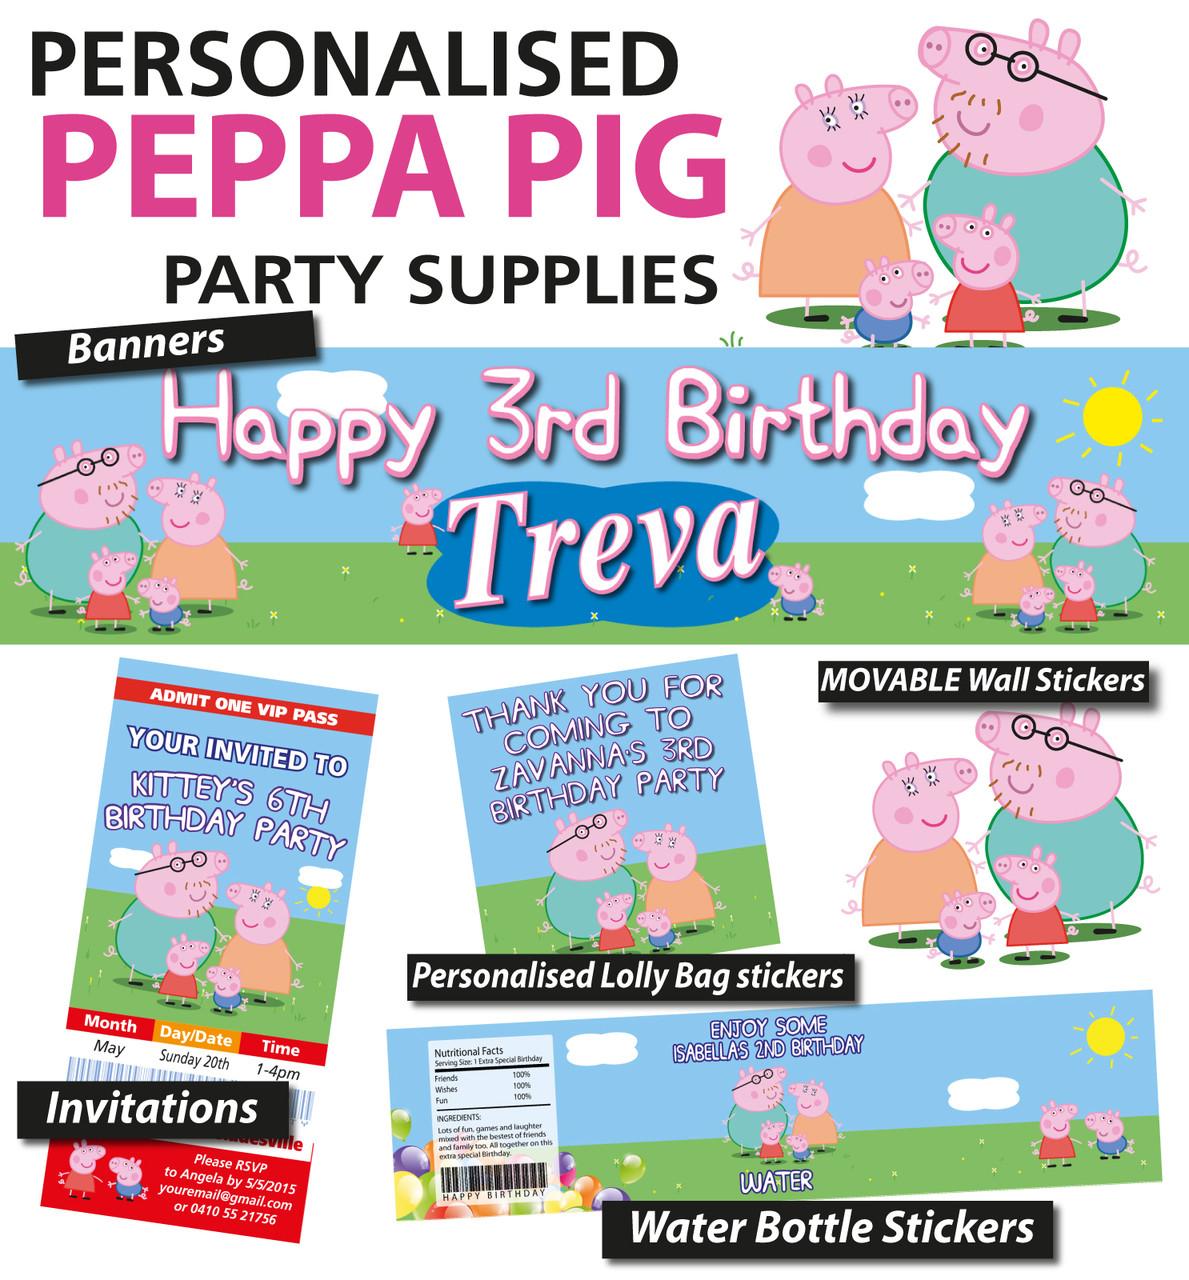 personalised peppa pig birthday